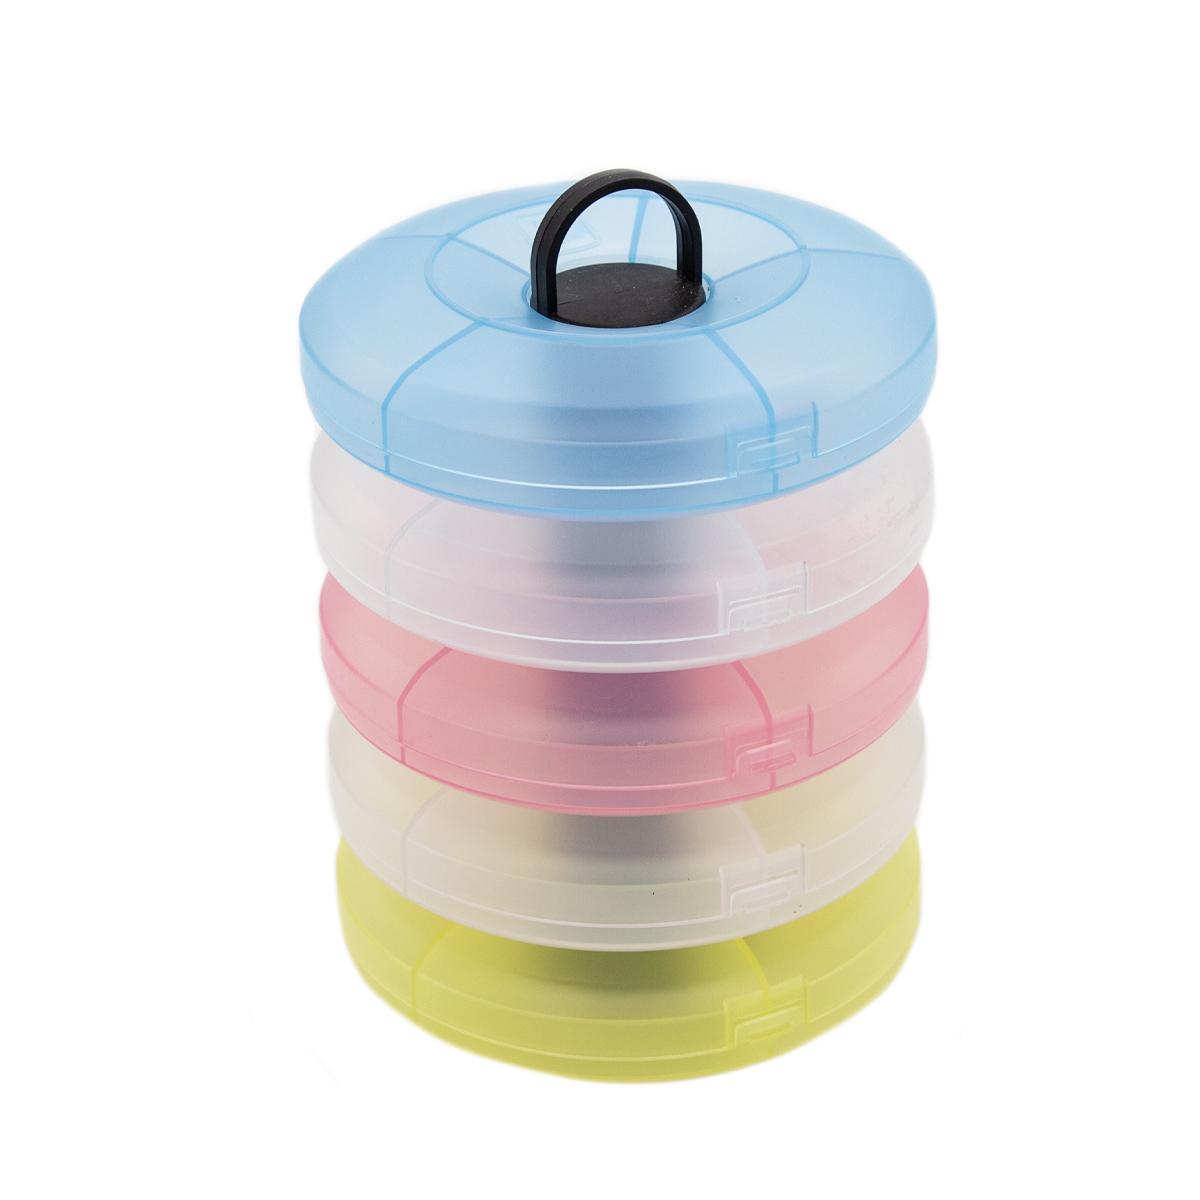 Система хранения из 5 контейнеров 930525, 12,7х12,9х18,1 см, Hobby&Pro